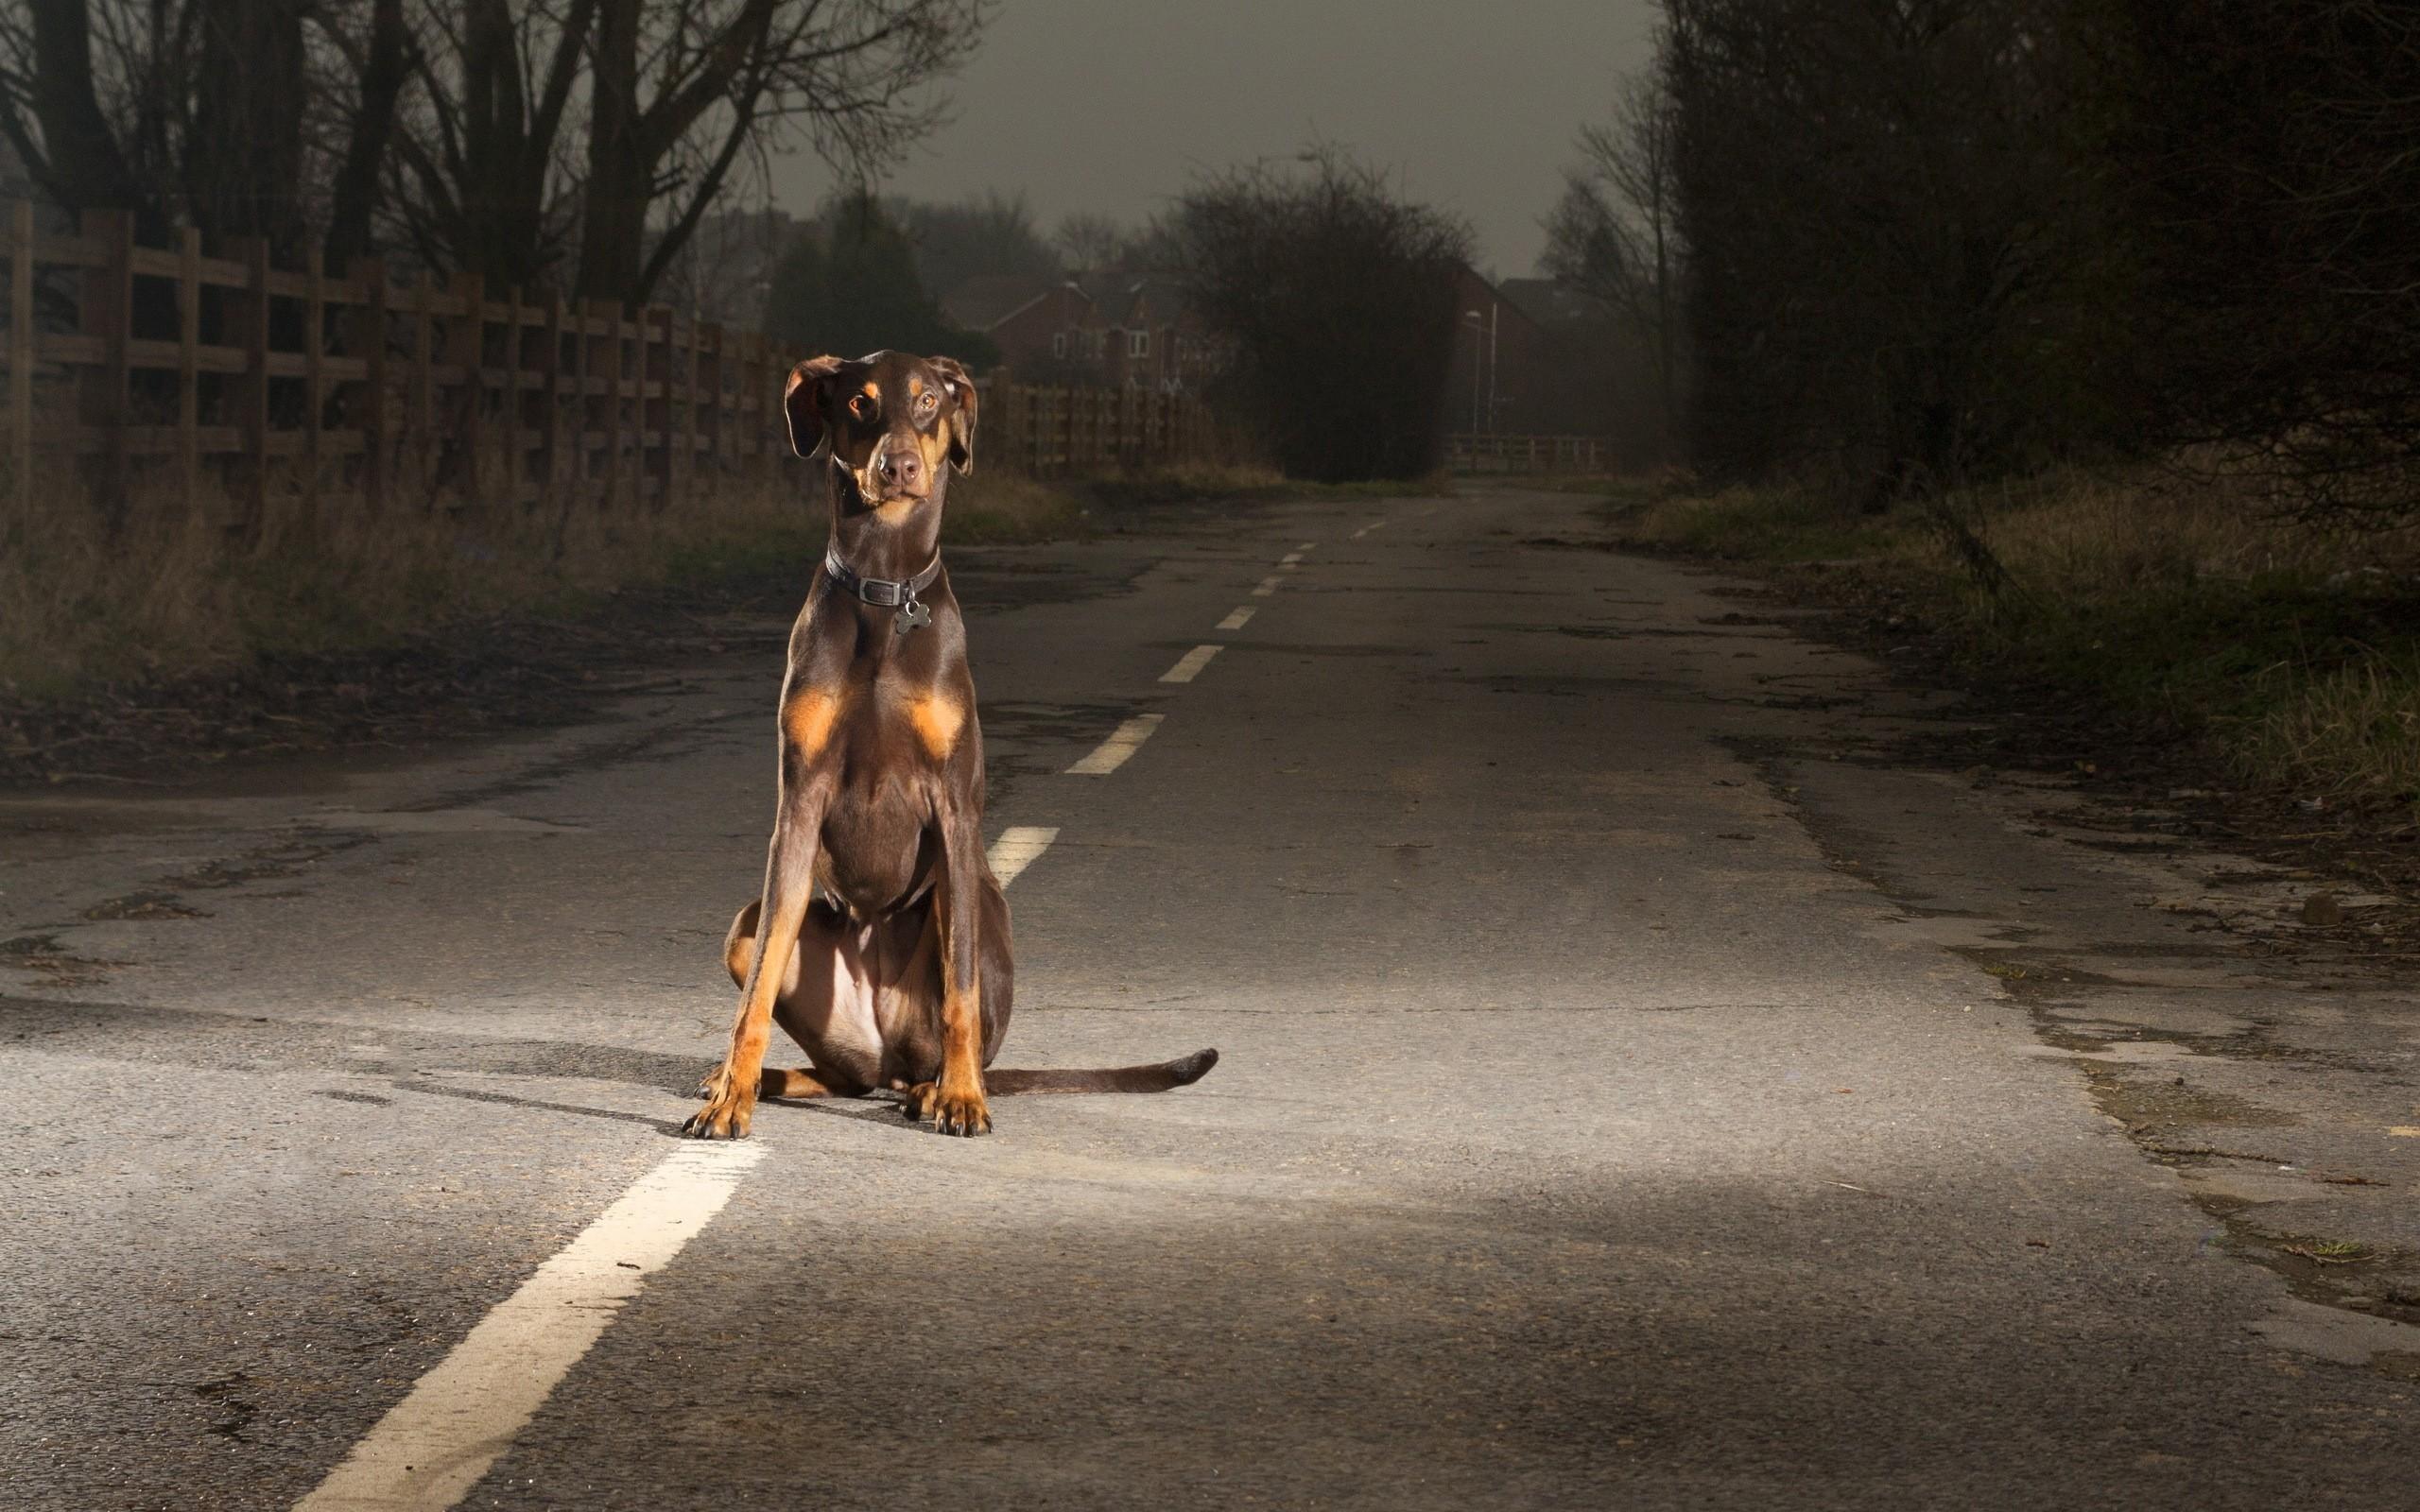 Dogs roads doberman pinscher doberman wallpaper - Doberman wallpaper ...